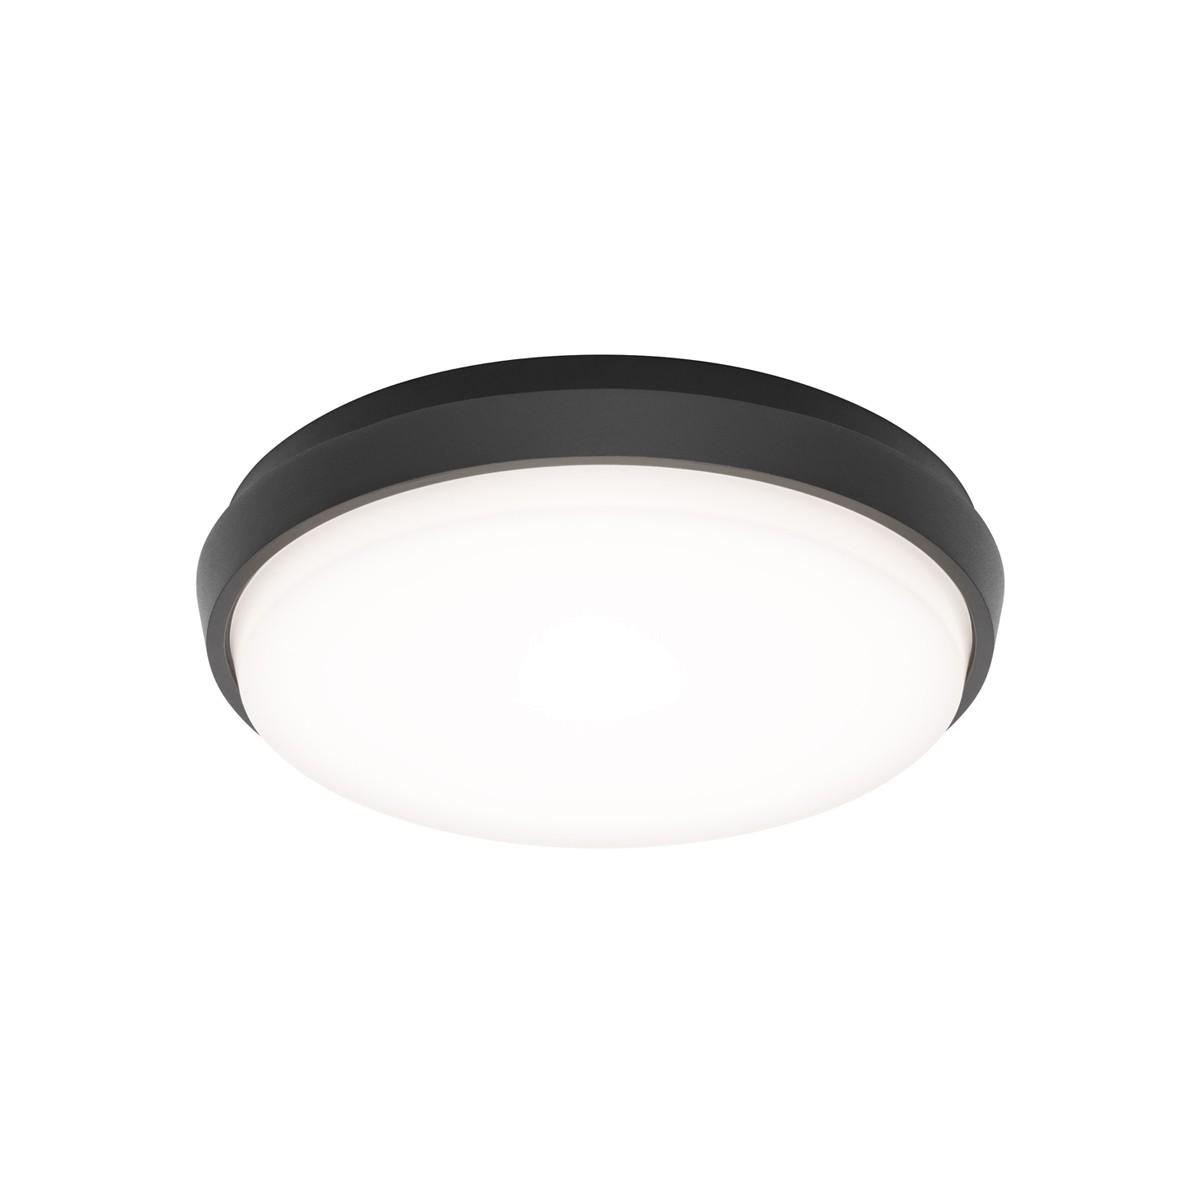 LCD Außenleuchten 5065/5066/5067 LED Wand- / Deckenleuchte, Ø: 17,5 cm, graphit